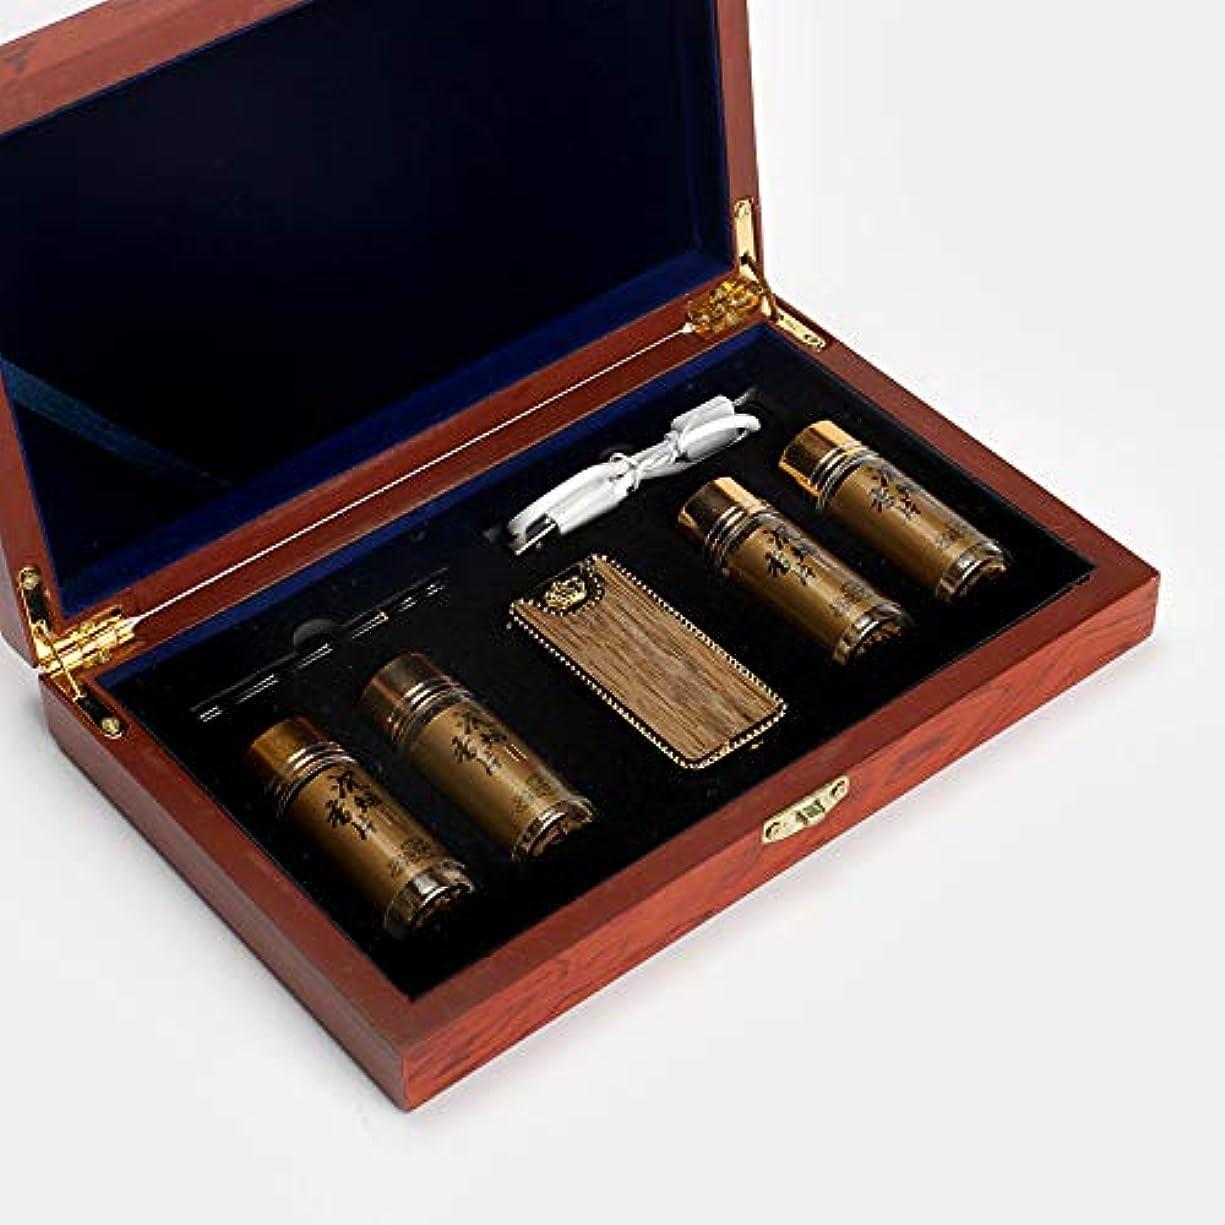 モード広々としたボットDiatems - 五郎クラフトベトナムニャチャンシェンタバコの煙を挿入ギフトボックスShenxiang錠4本のボトル包装